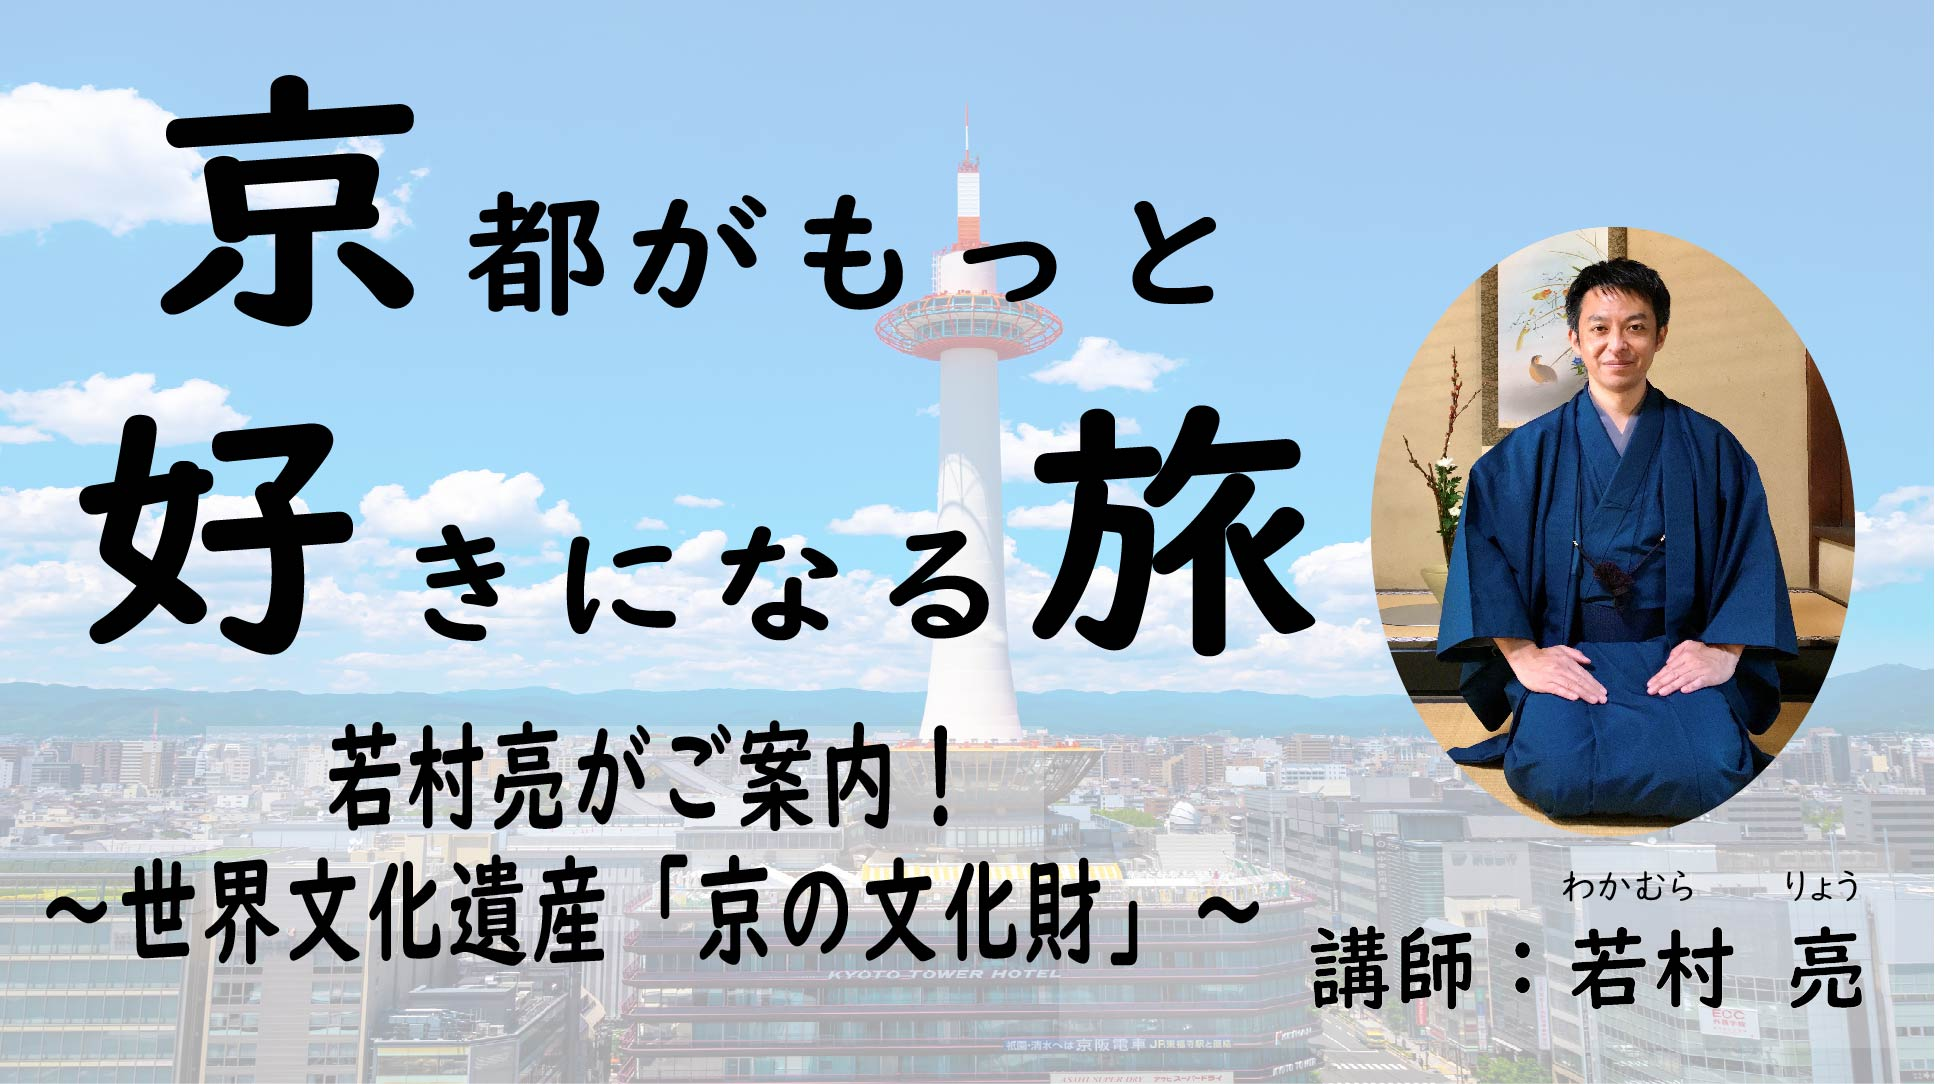 【京都】京都がもっと好きになる旅~若村亮がご案内!世界文化遺産「京の文化財」